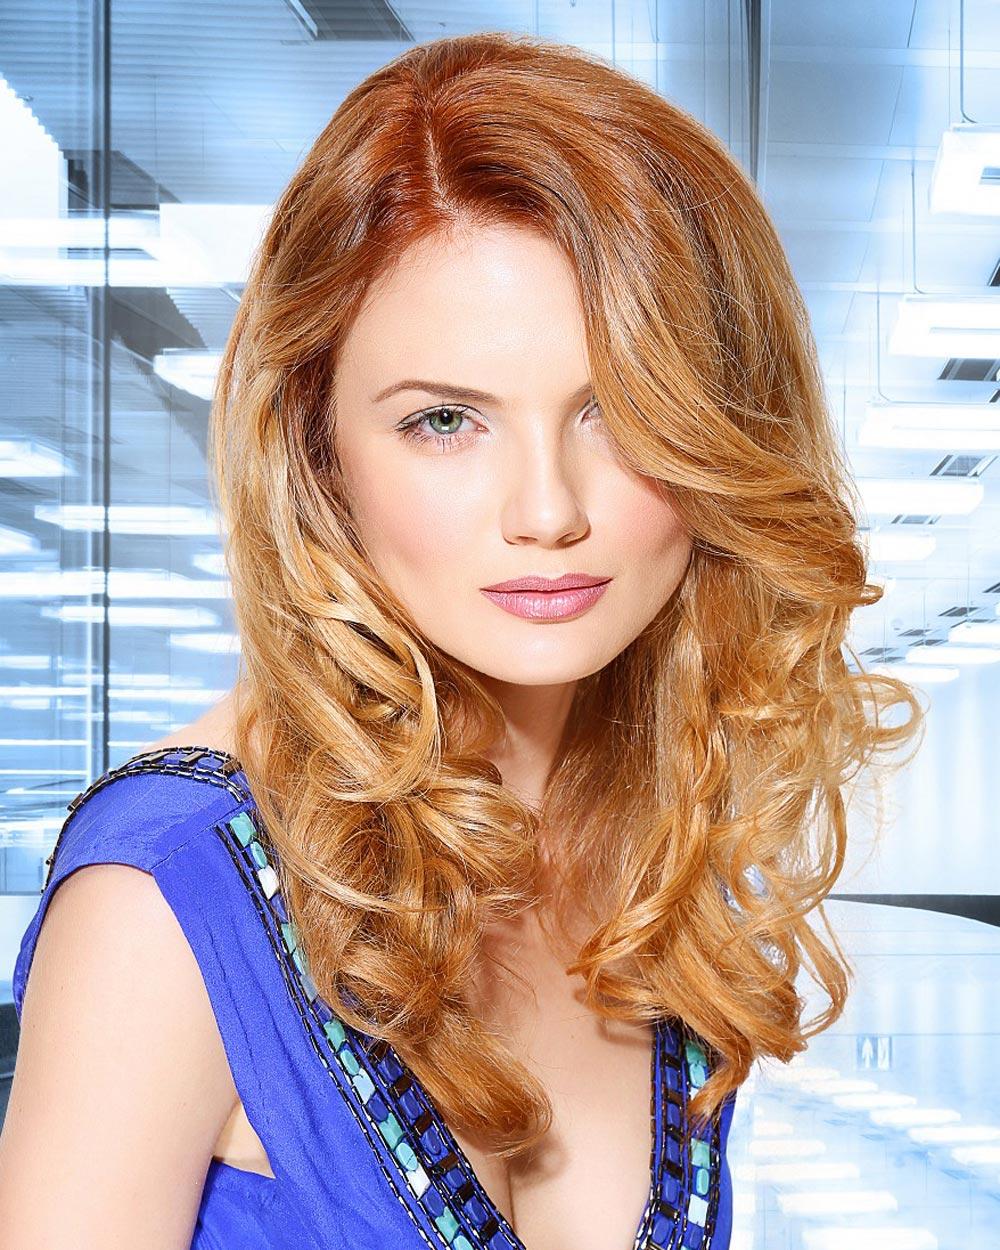 Jahodová blond je přirozeně vypadajícím blond odstínem hraničícím s módní měděnou barvou na vlasy. (Kolekce: Romantic Elegance Collection, vlasy: L Salon & Color Group)